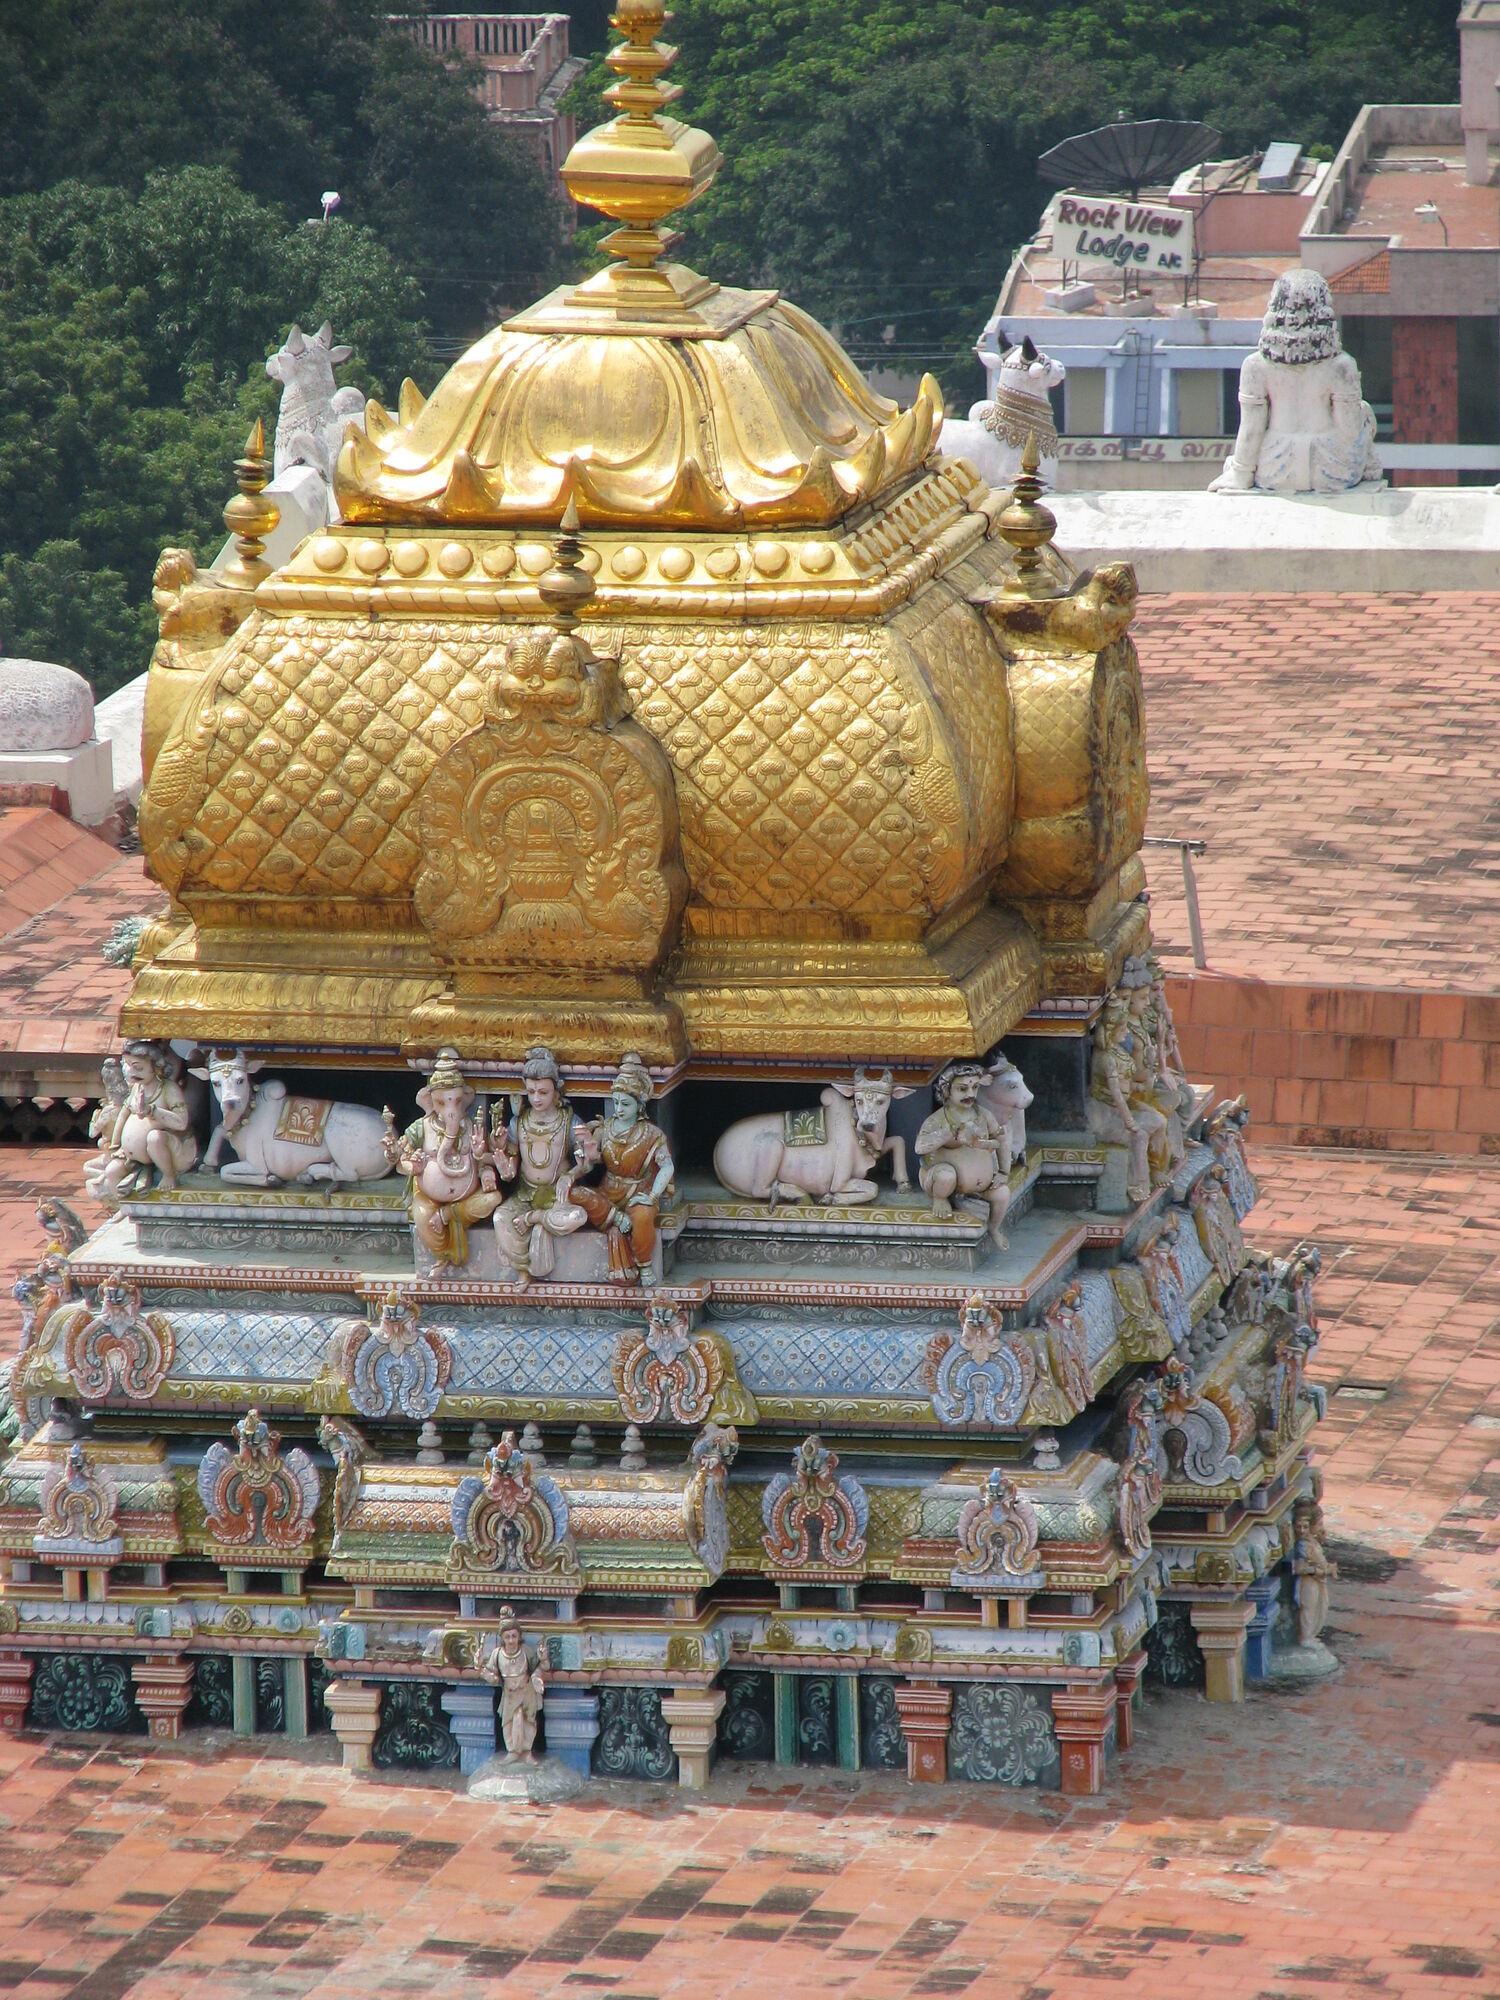 Индуистский храм. Синие и голубые тона в стенах, золотой купол. Юг Индии